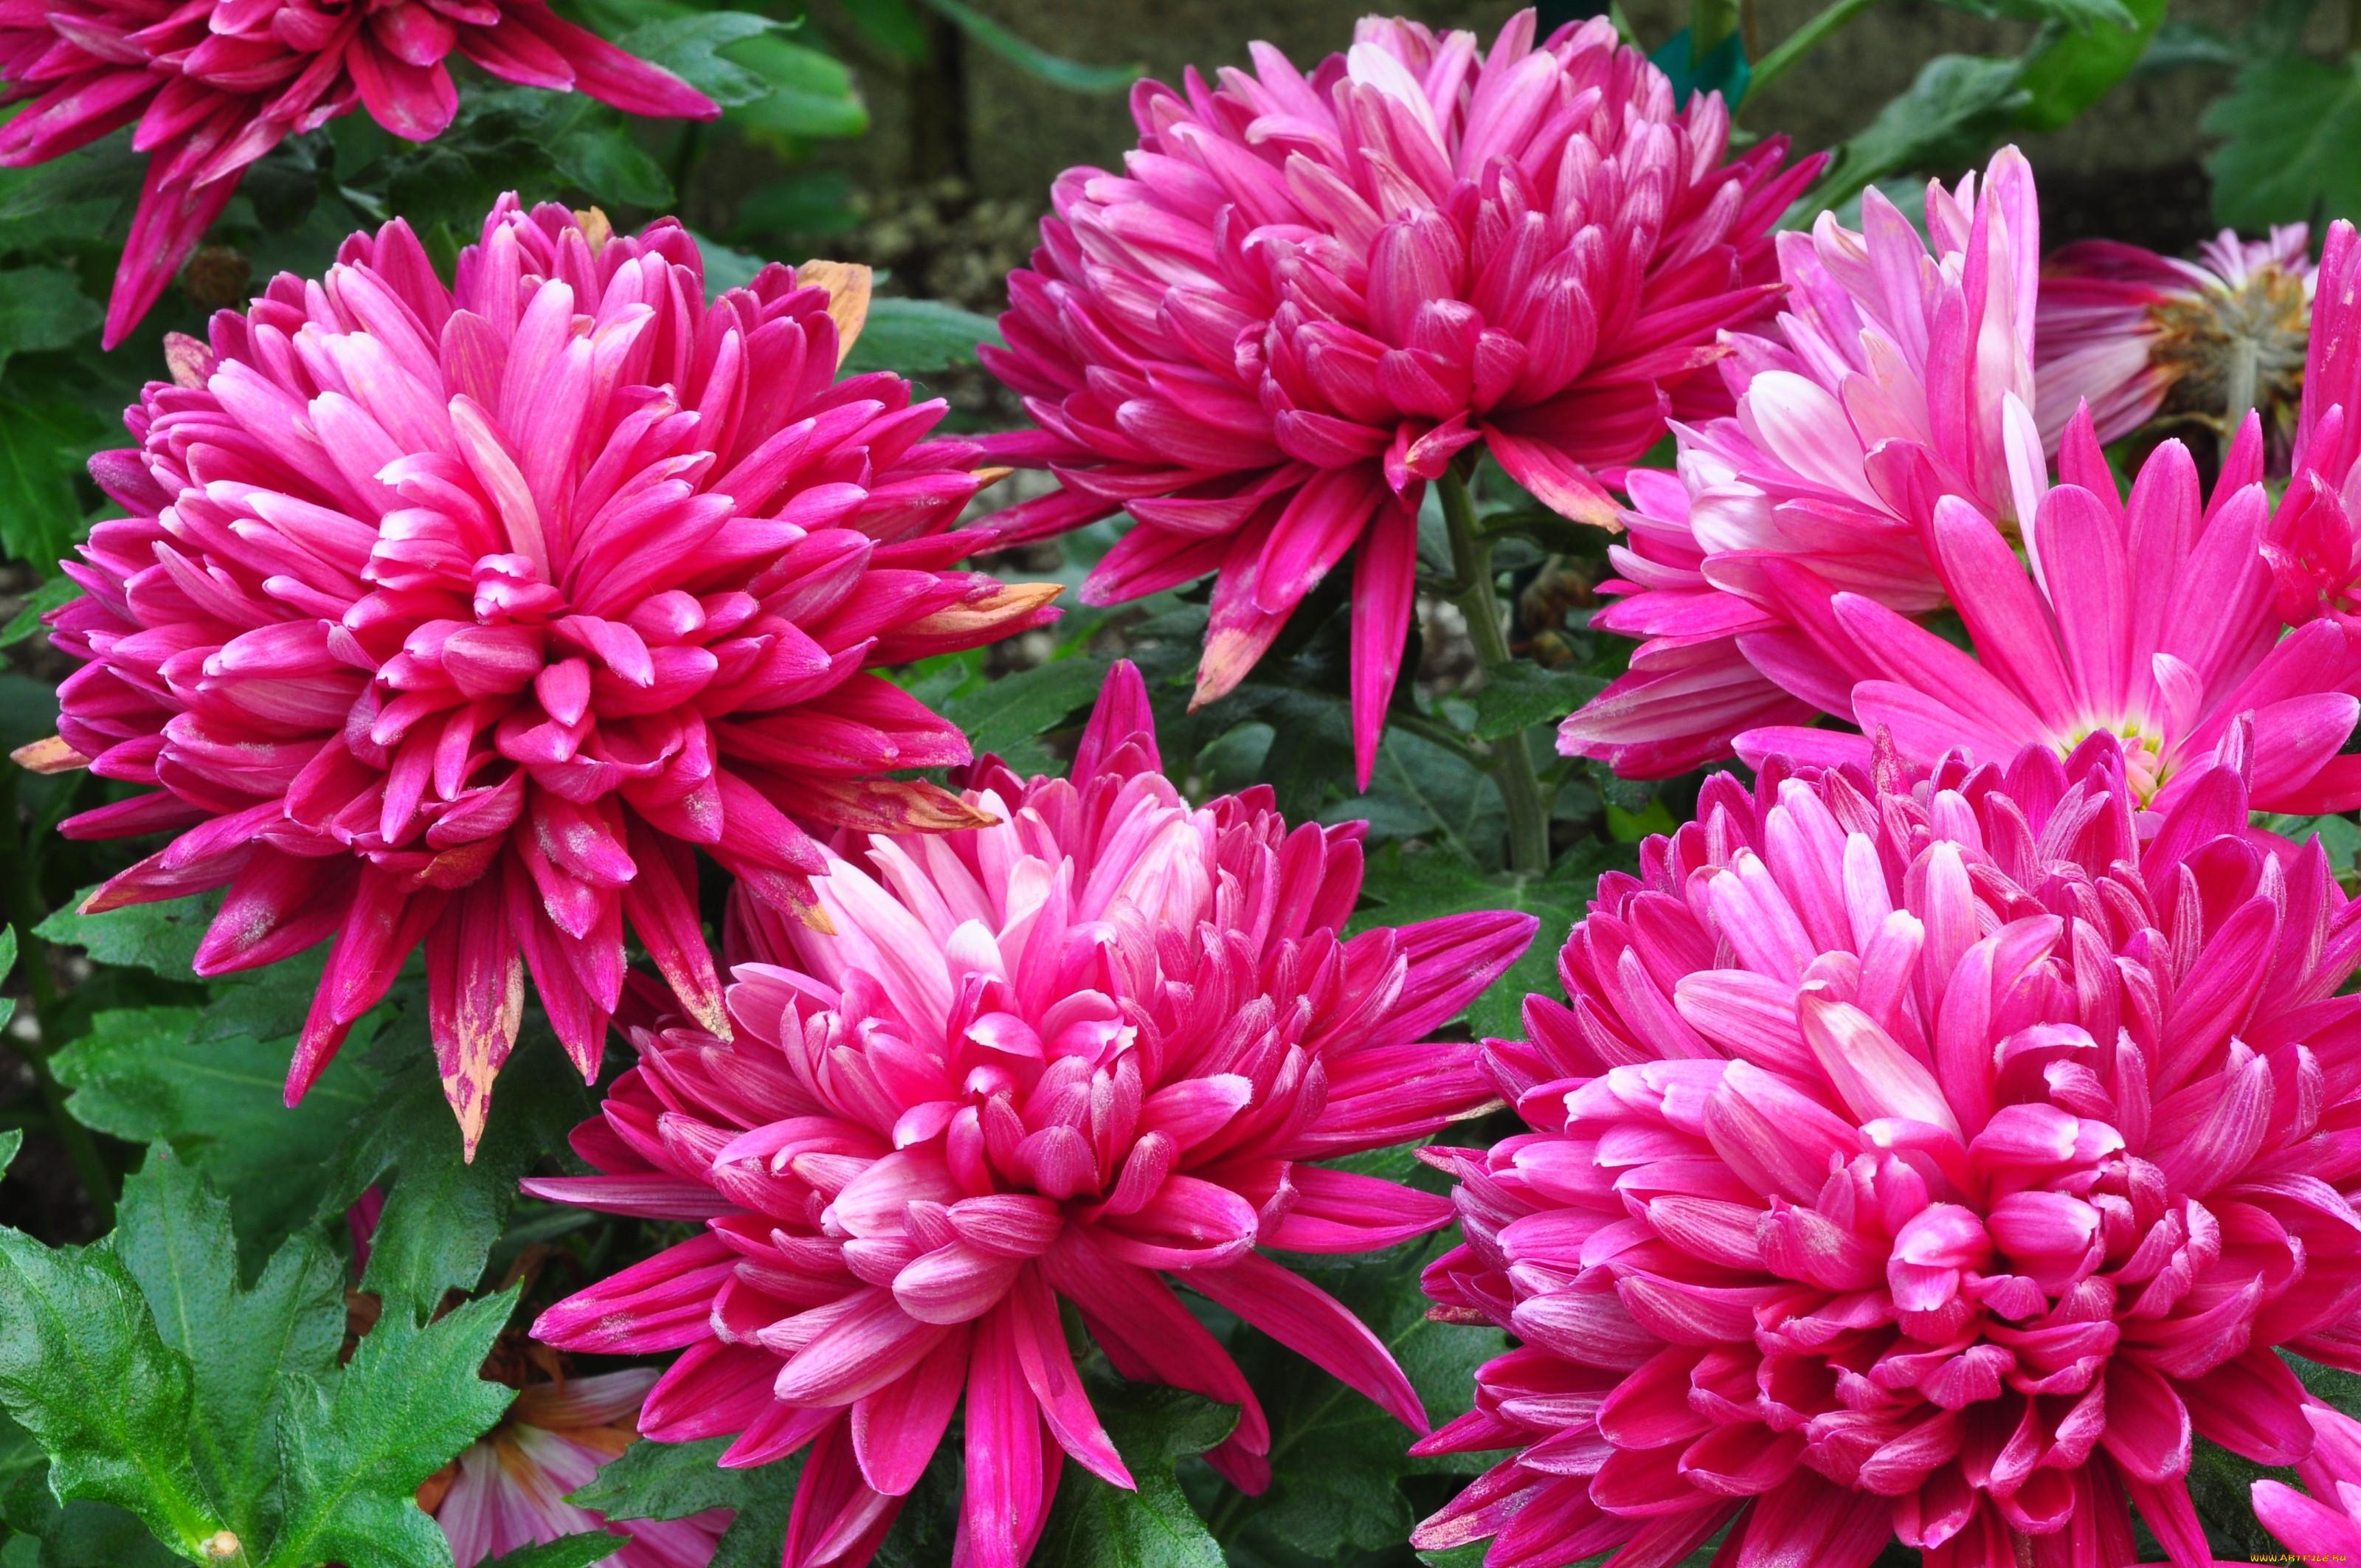 Цветок хризантема все фото